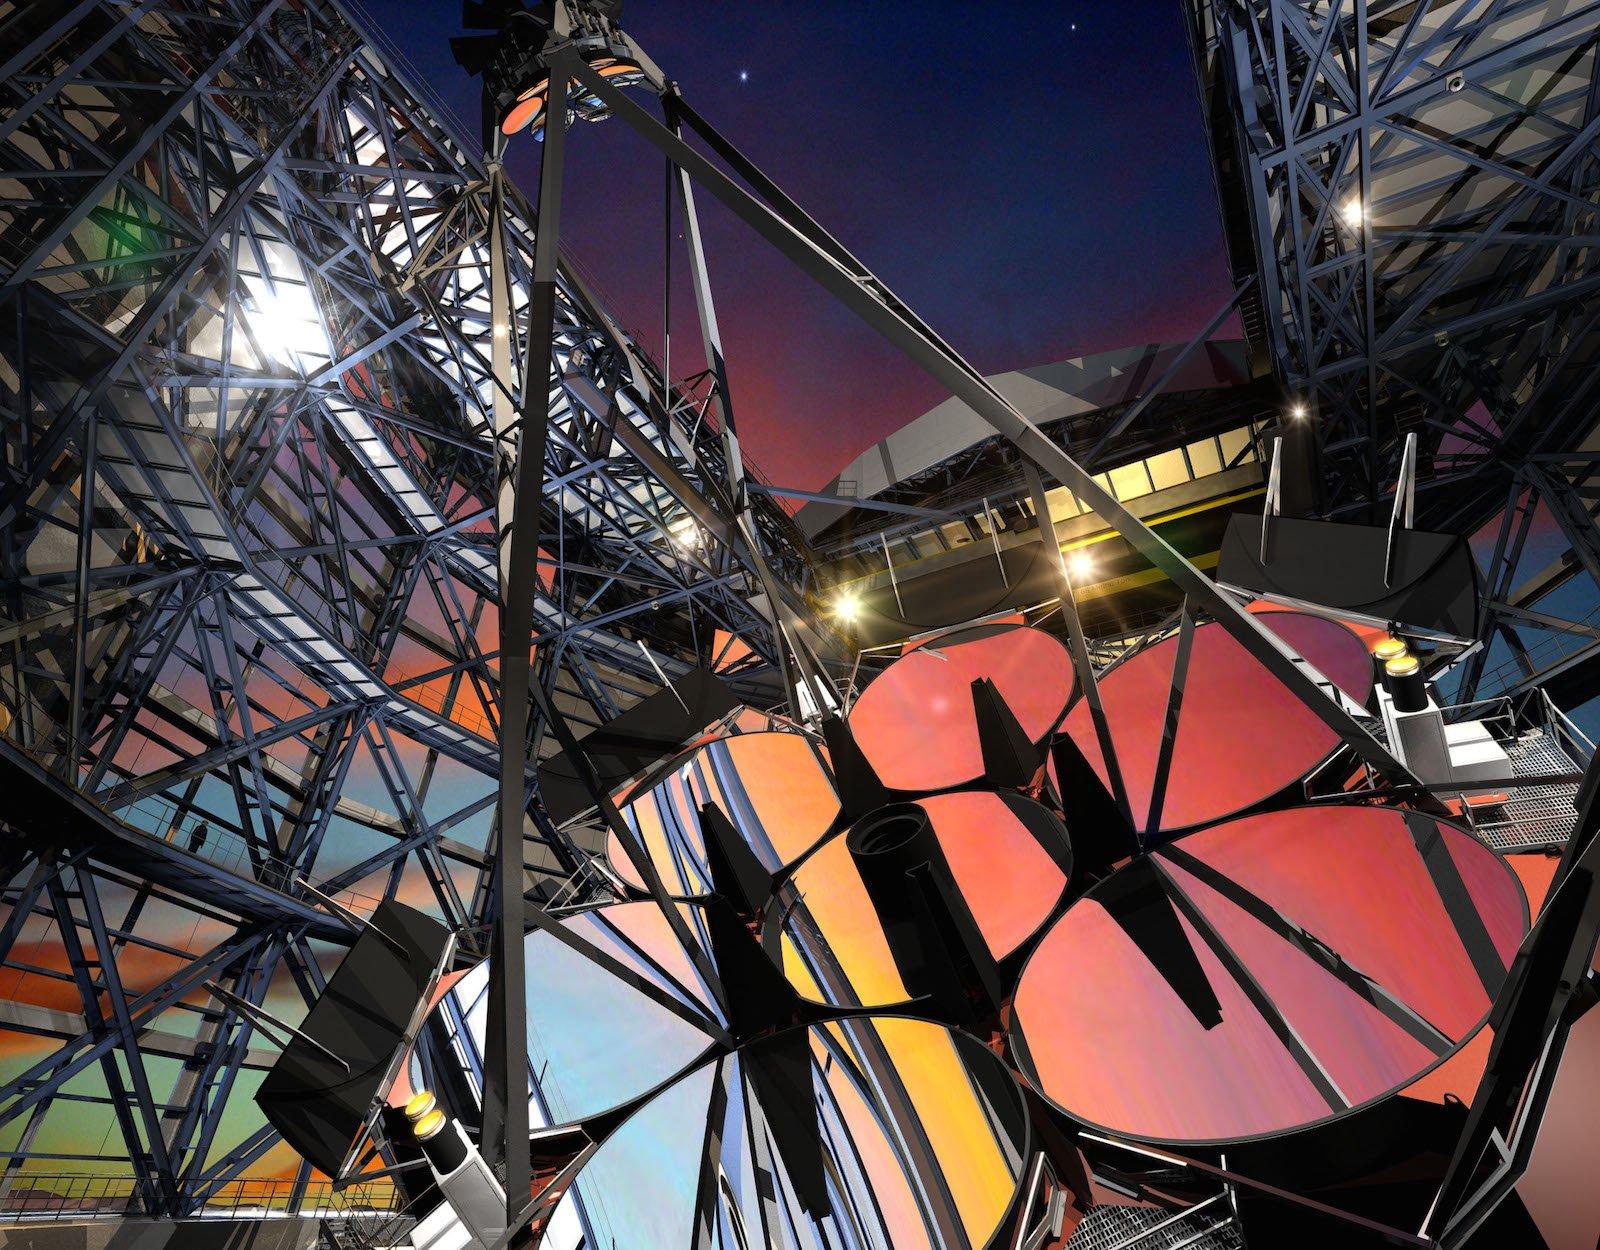 Die Gesamtspiegelfläche des GMT hat einen Durchmesser von 25 m. Damit wird das GMT das größte Spiegelteleskop der Welt.